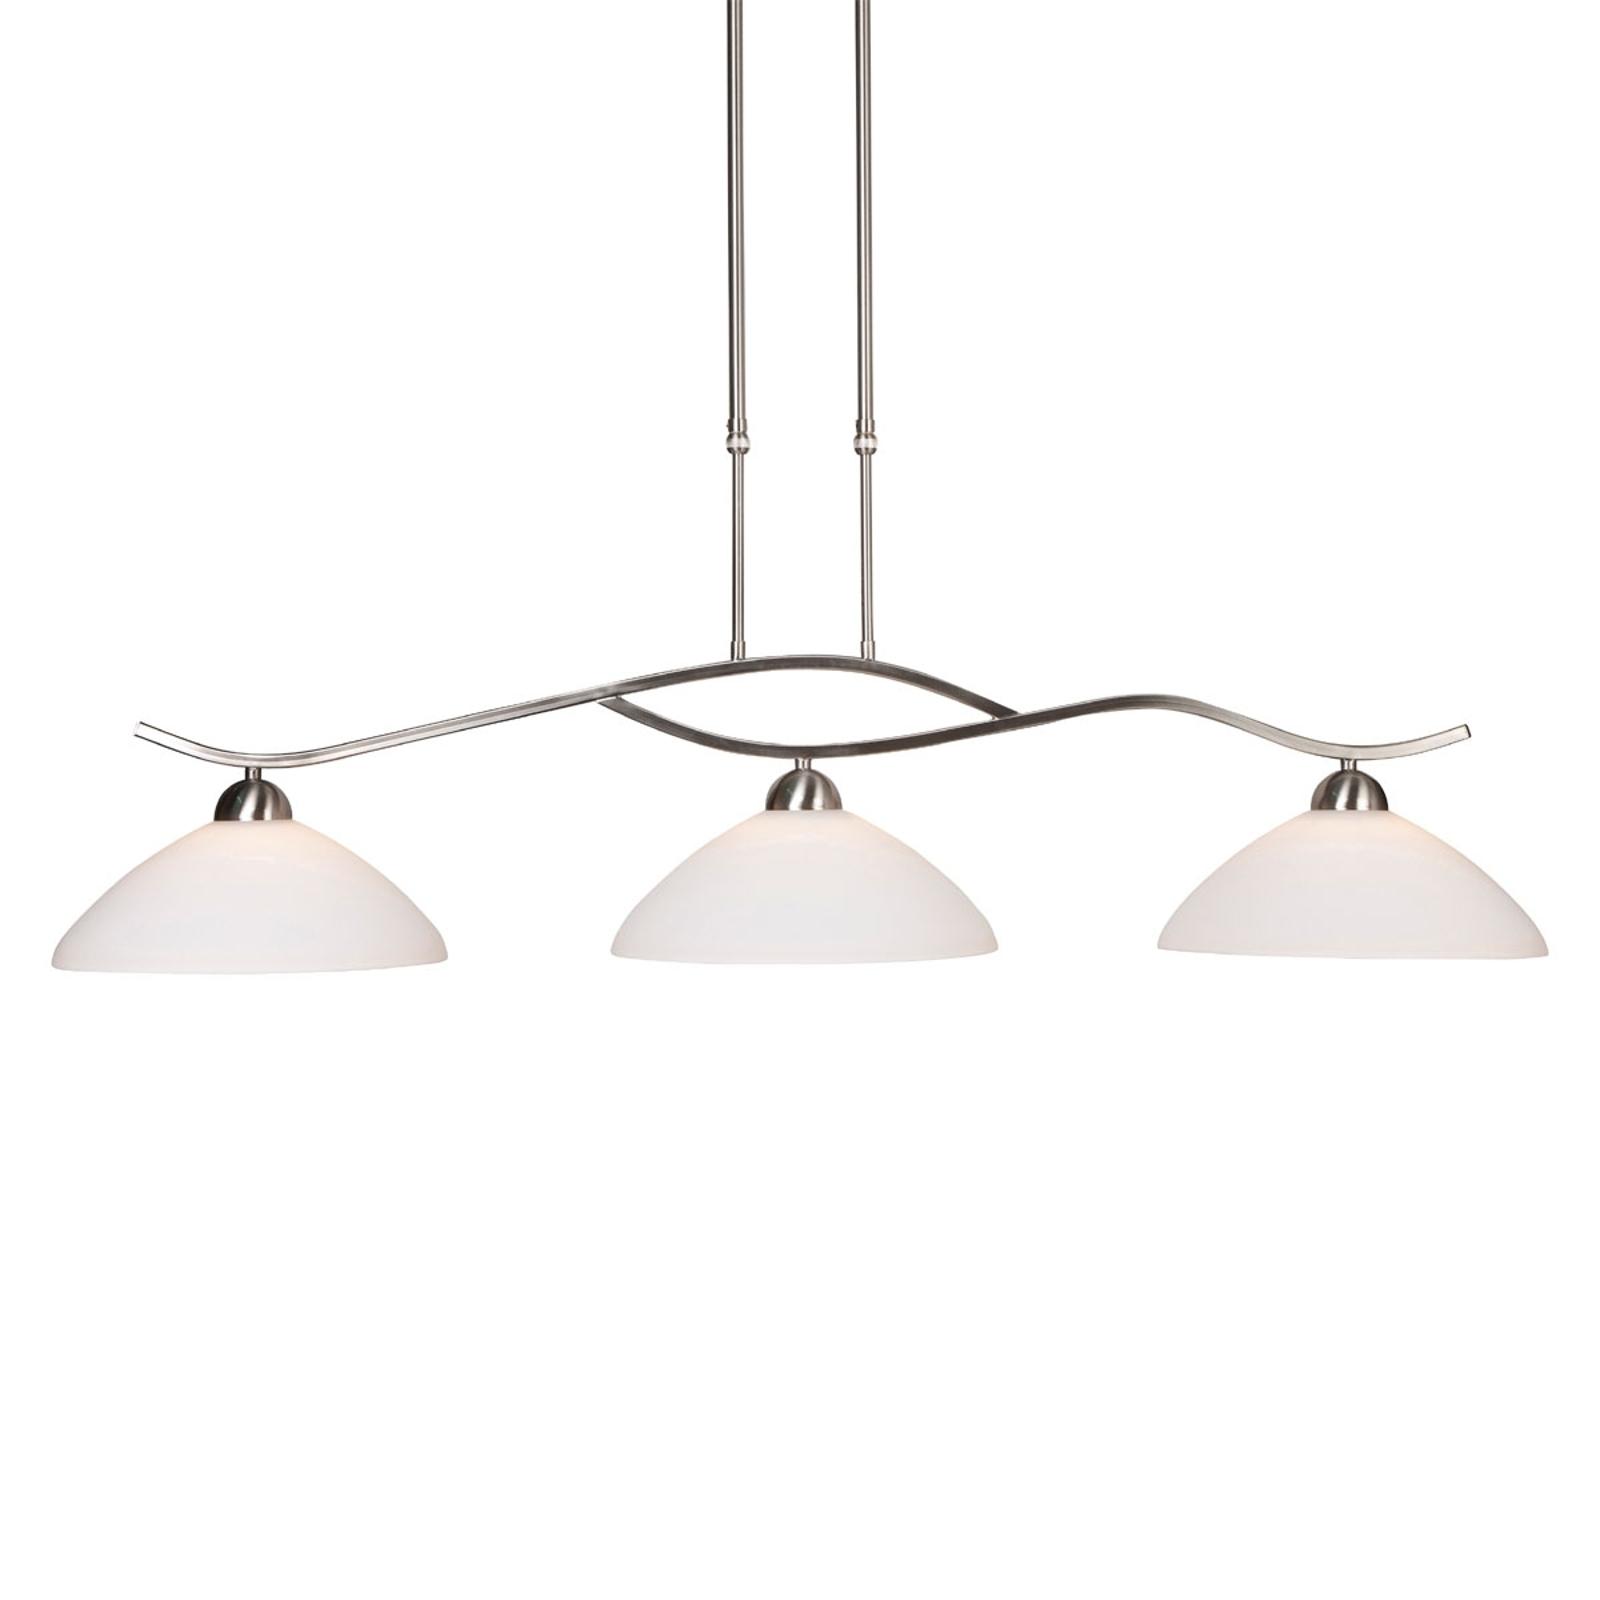 Capri hanglamp met bijzondere charme